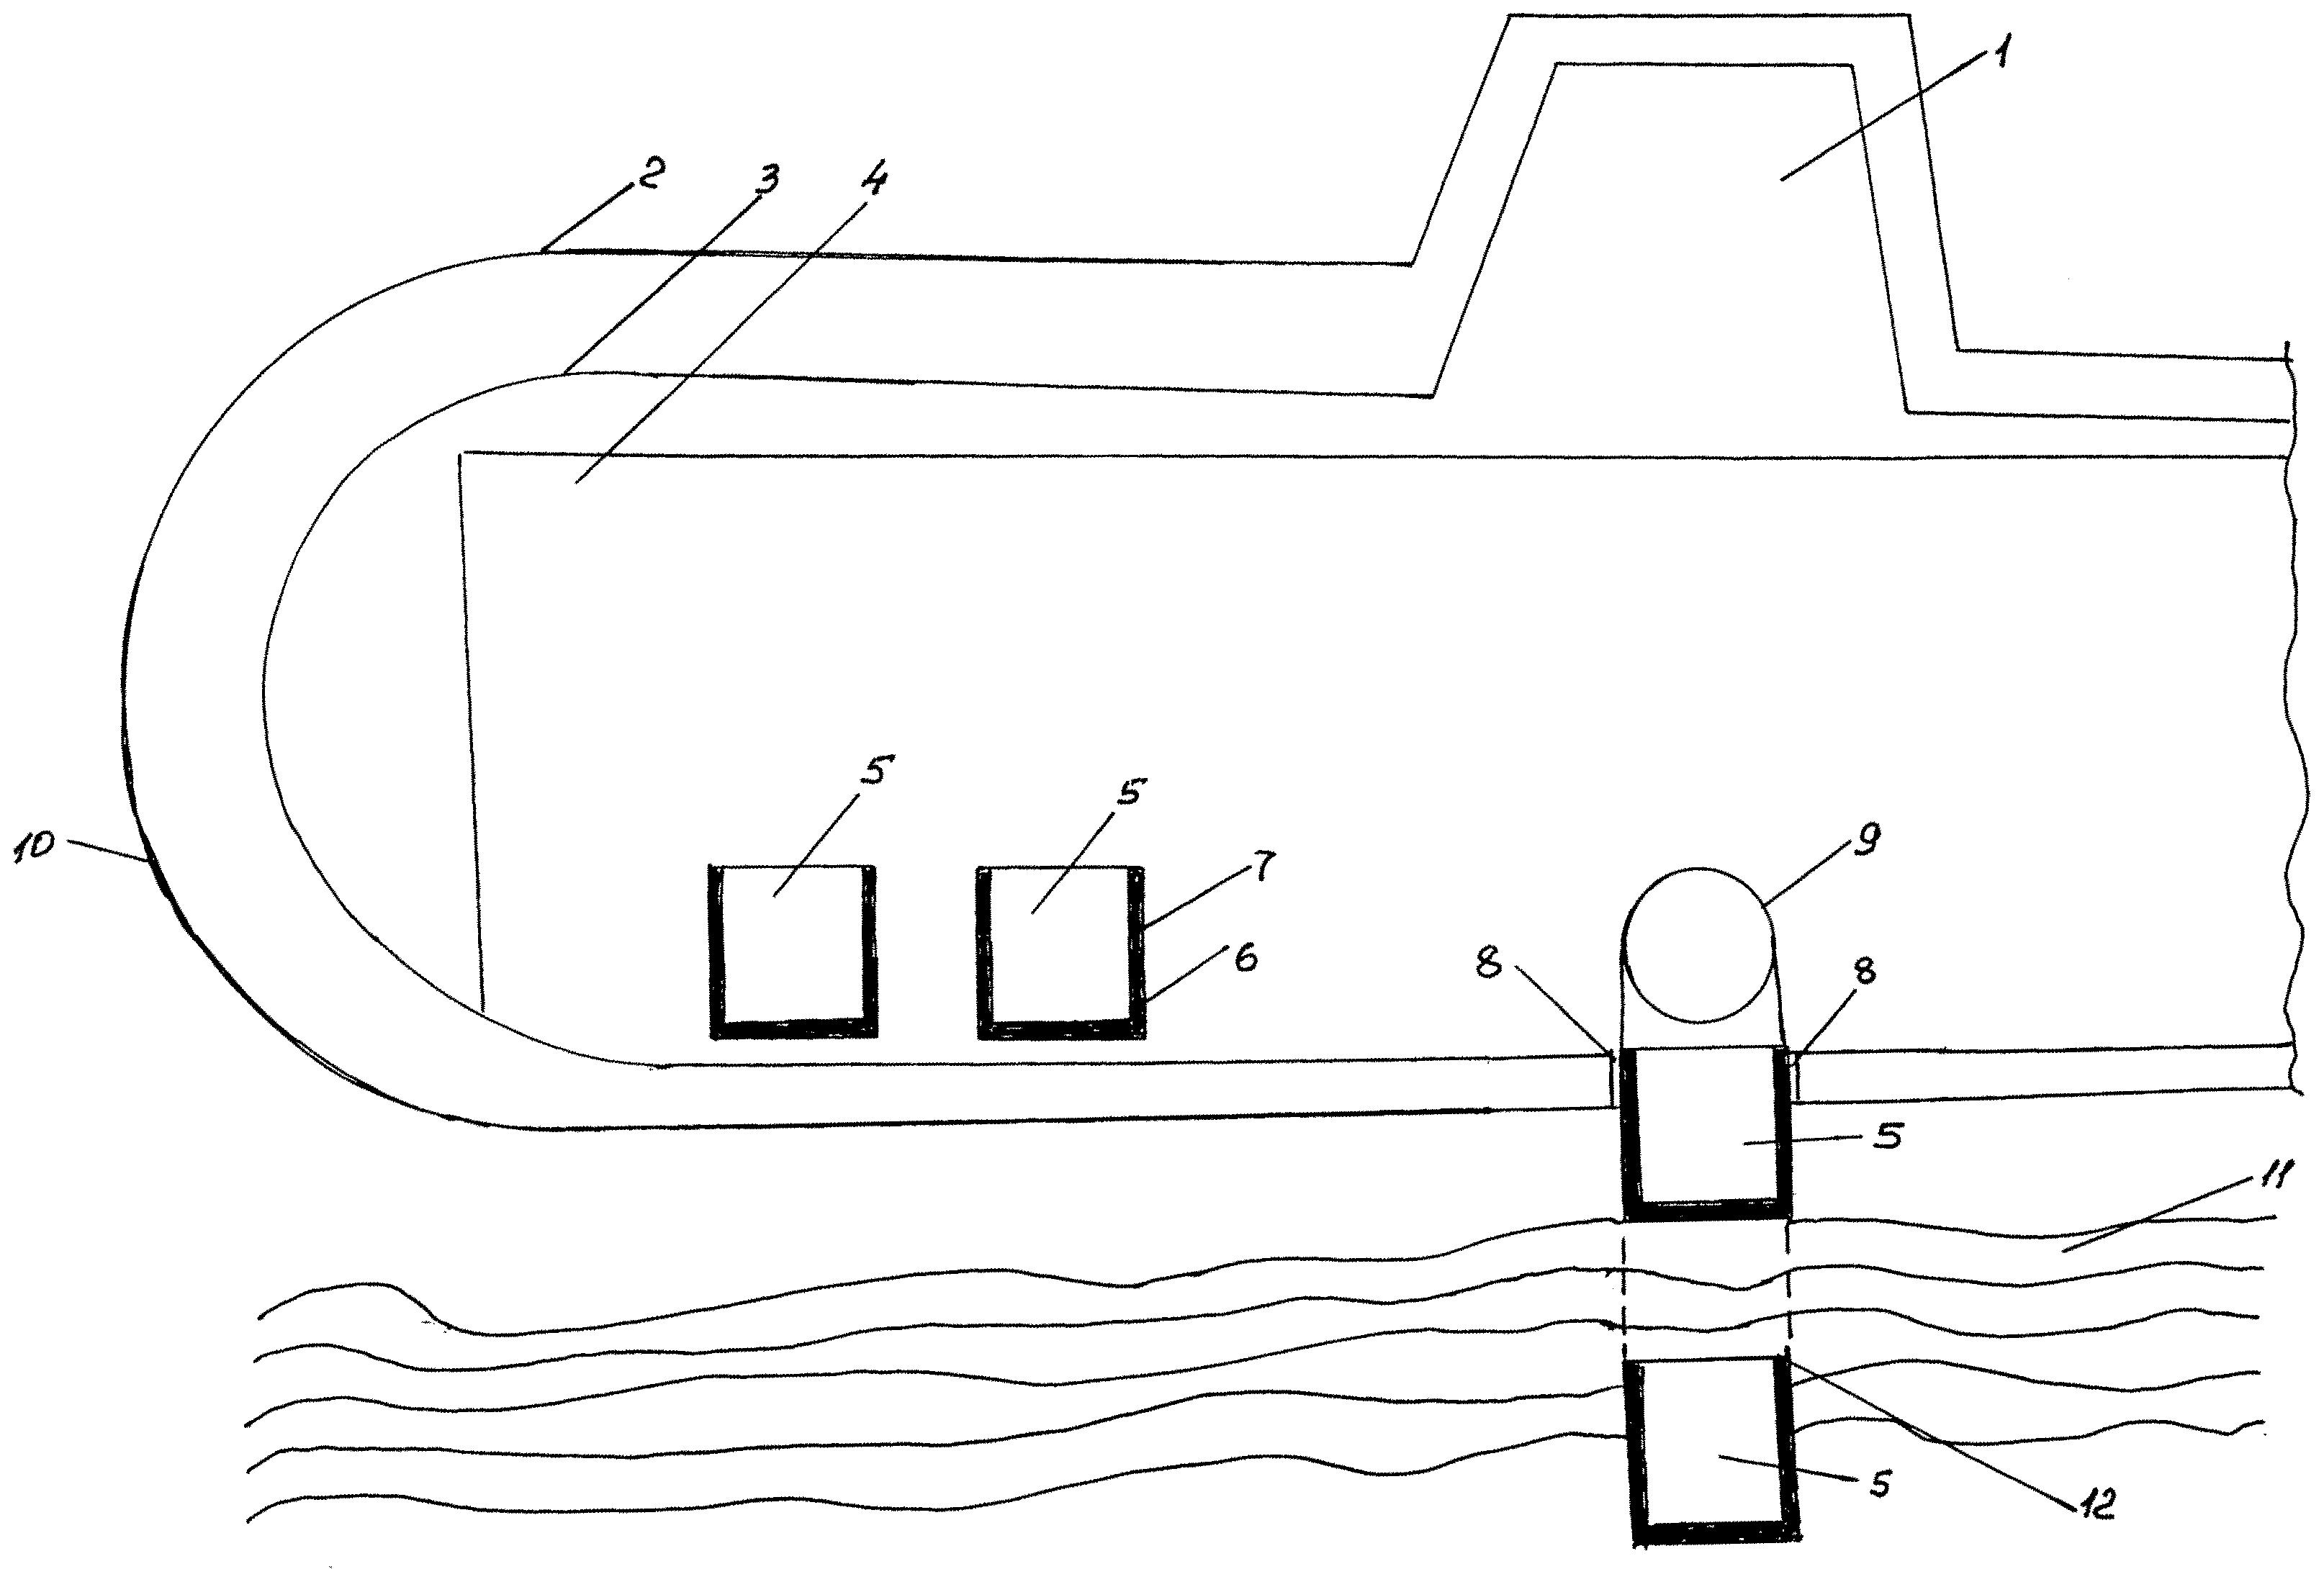 Способ добычи и транспортировки газовых гидратов донных отложений и подводная лодка для добычи и транспортировки газовых гидратов